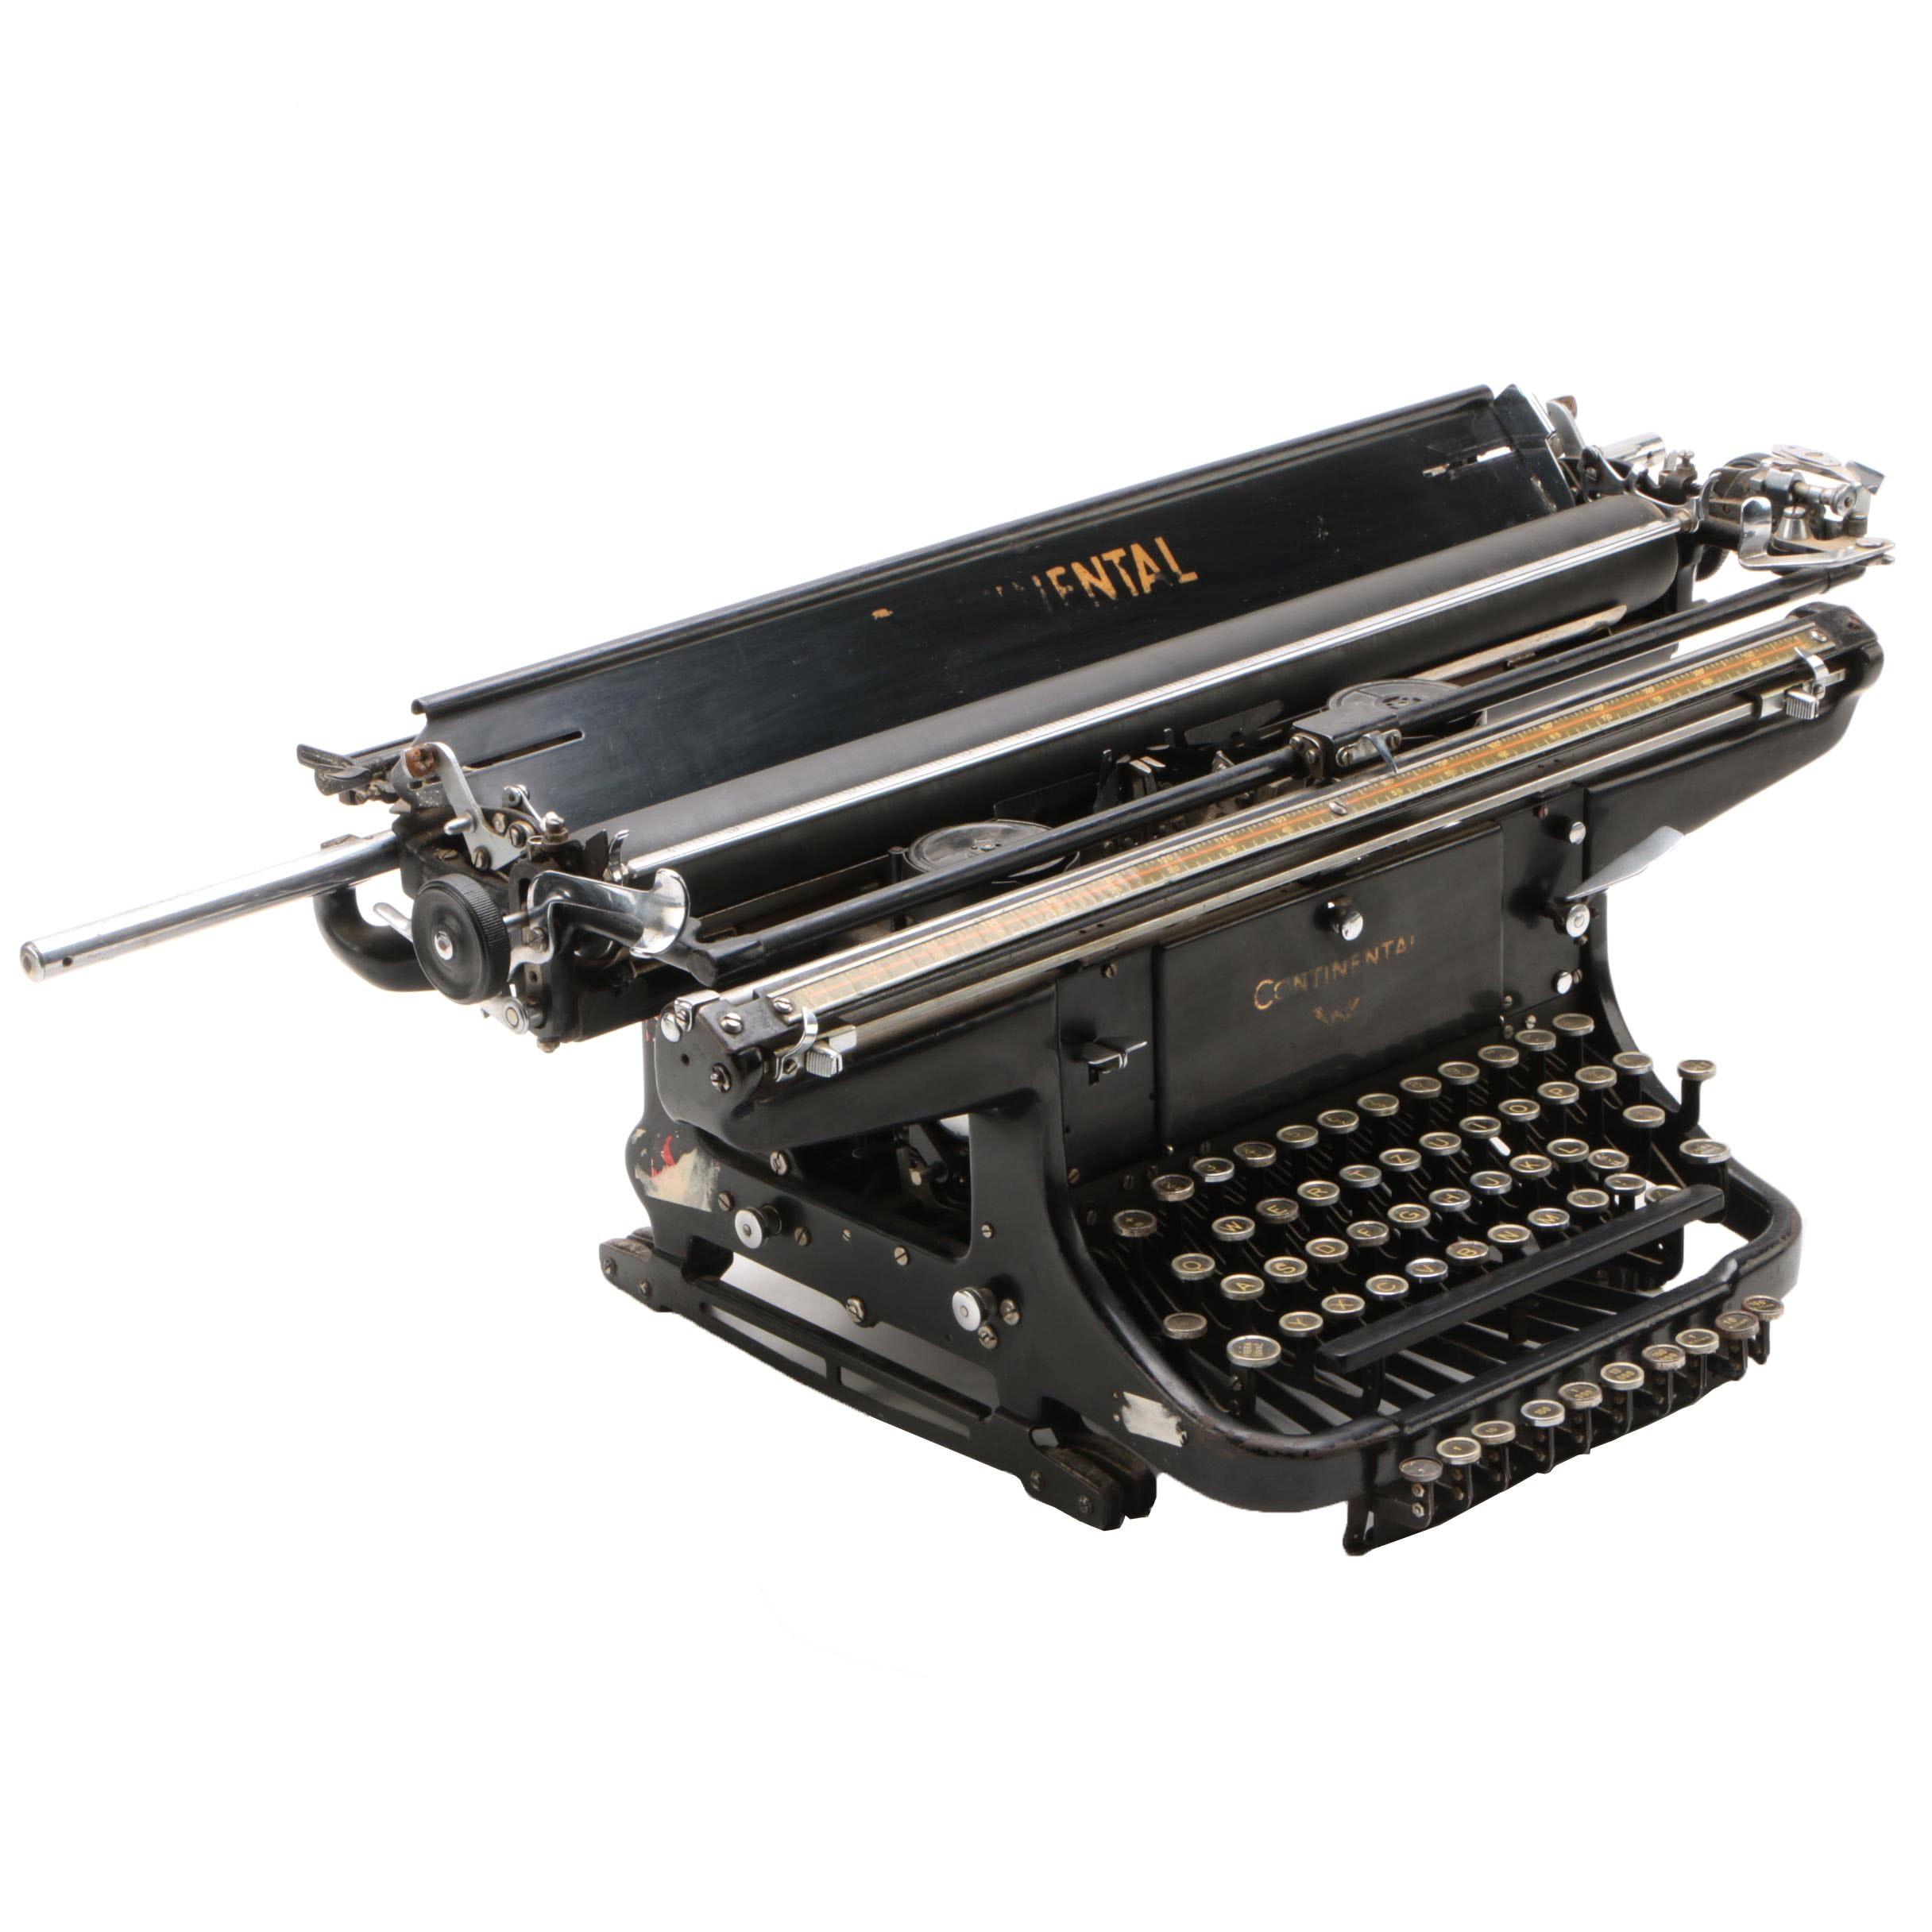 Continental Wanderer-Werke Large Format Typewriter, c. 1936